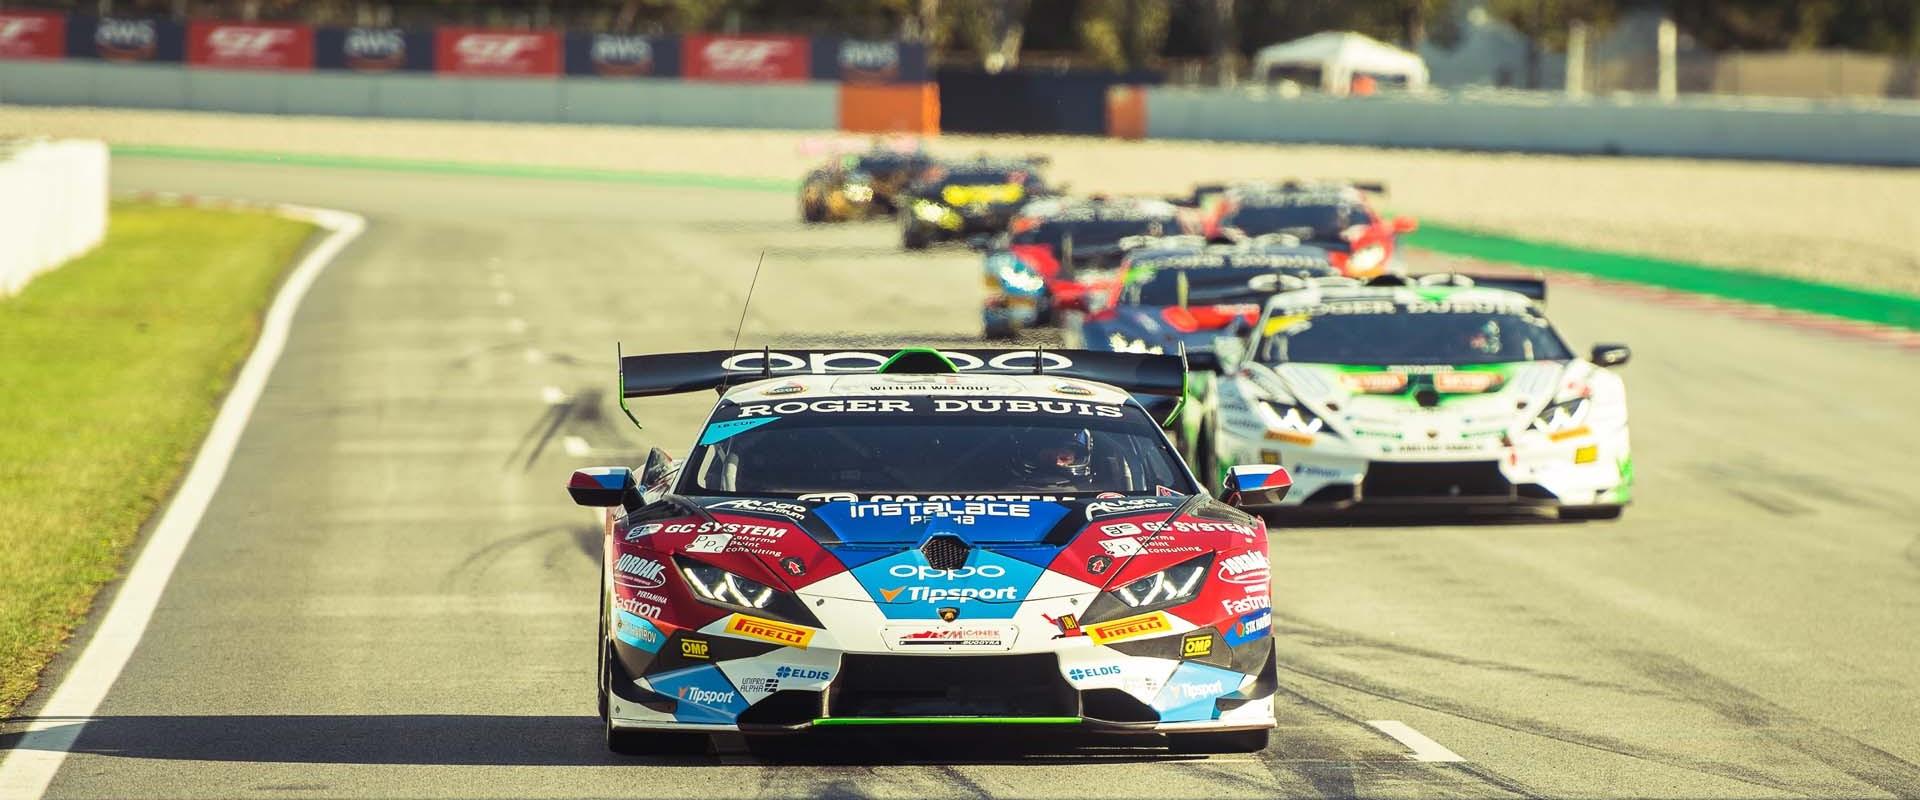 Návrat na Paul Ricard: Formánek a Záruba chtějí navázat na skvělý podzim